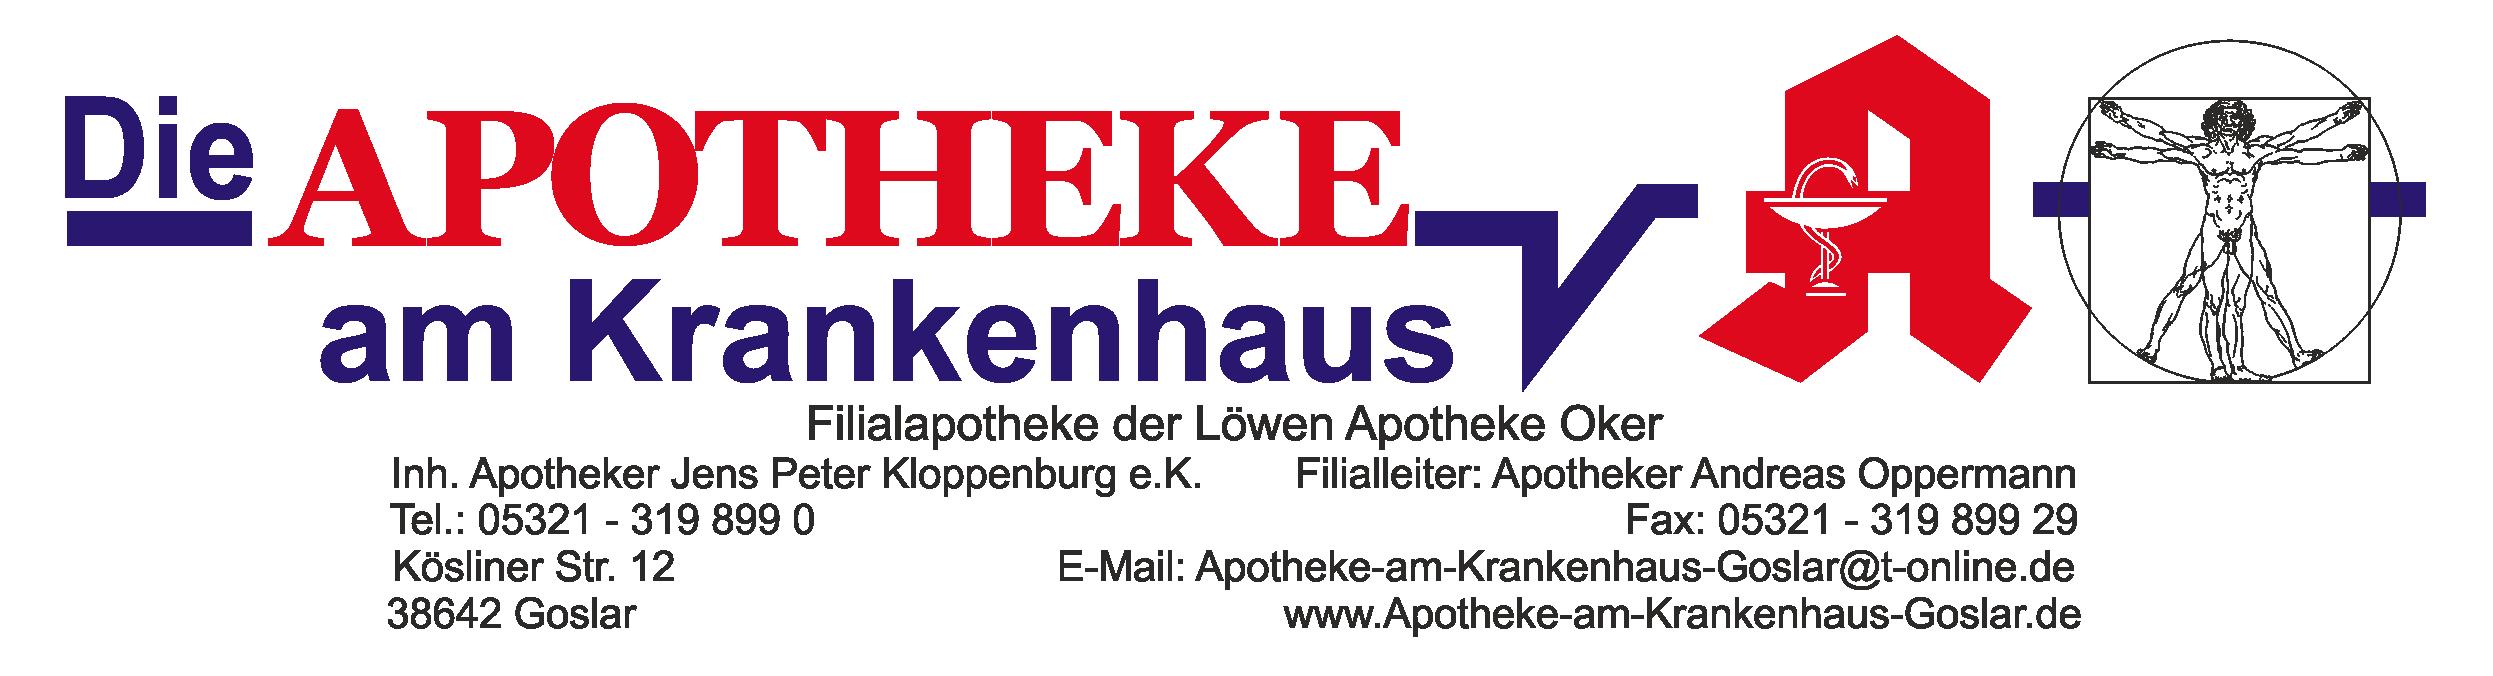 Logo Apotheke am Krankenhaus -Zweigniederlassung der Löwen Apotheke Oker